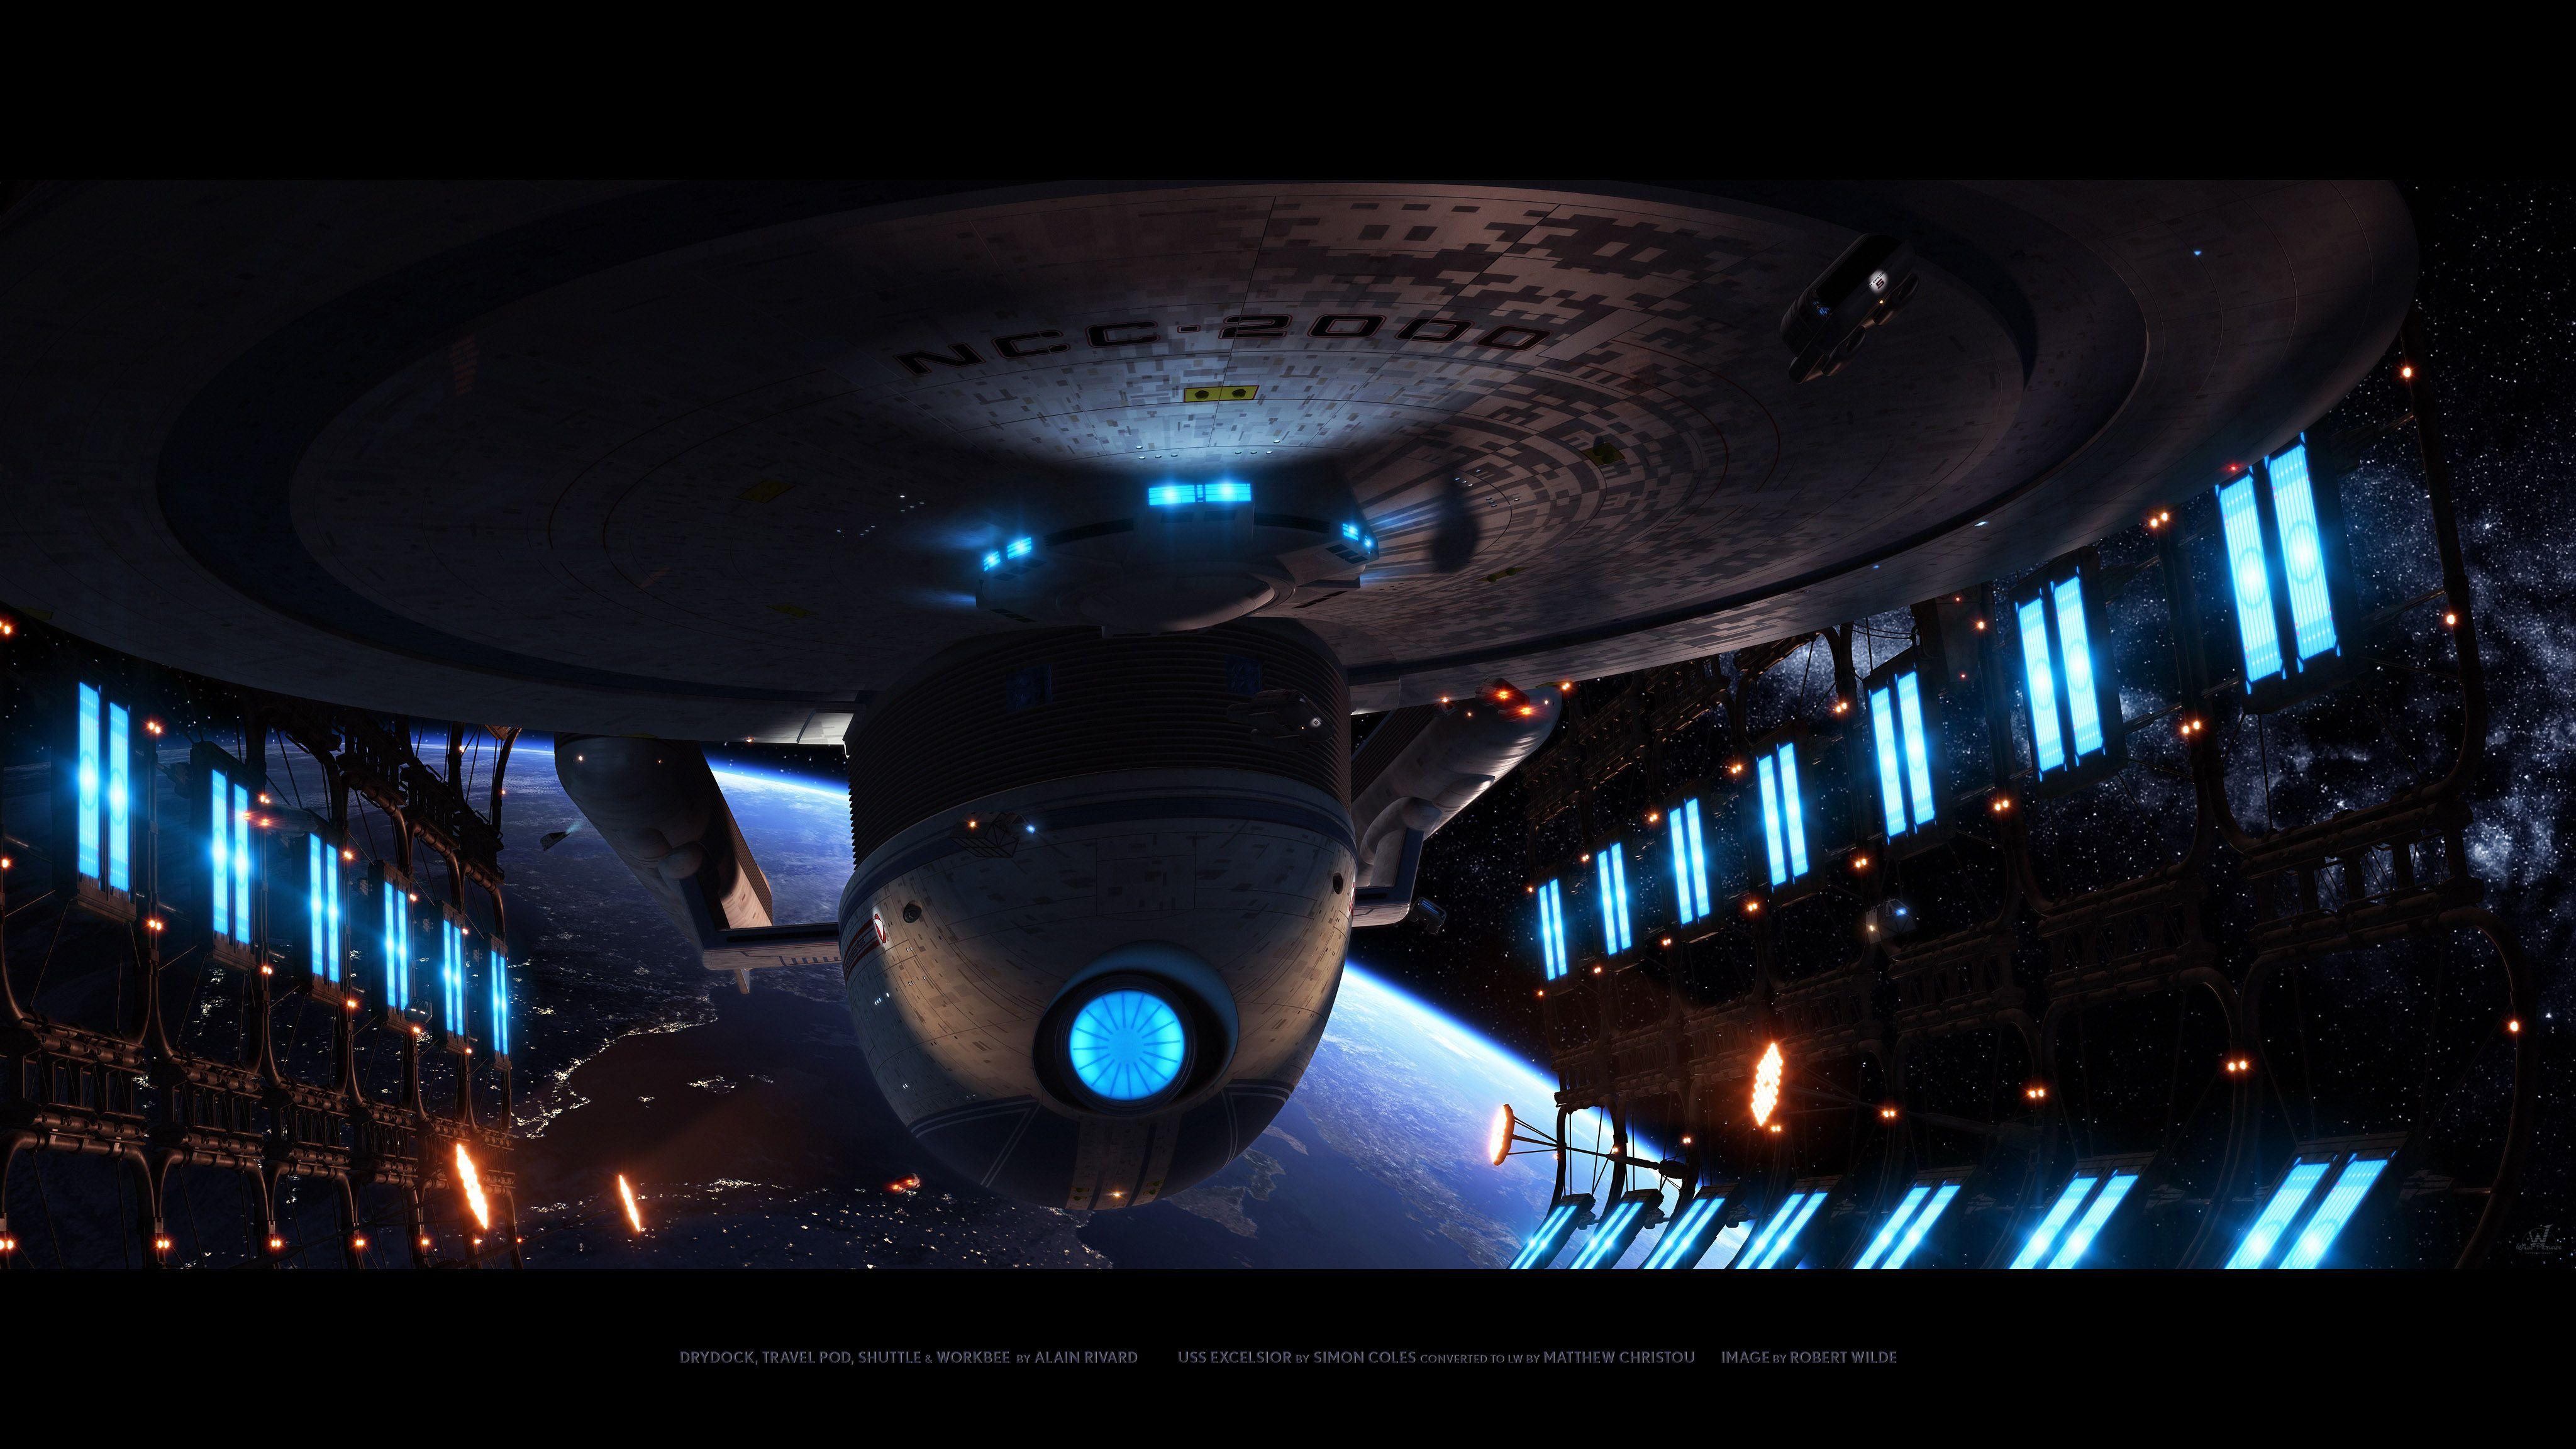 Star Trek Excelsior Foundation 3d Forums Star Trek Wallpaper Star Trek Starships Star Trek Wallpaper Backgrounds